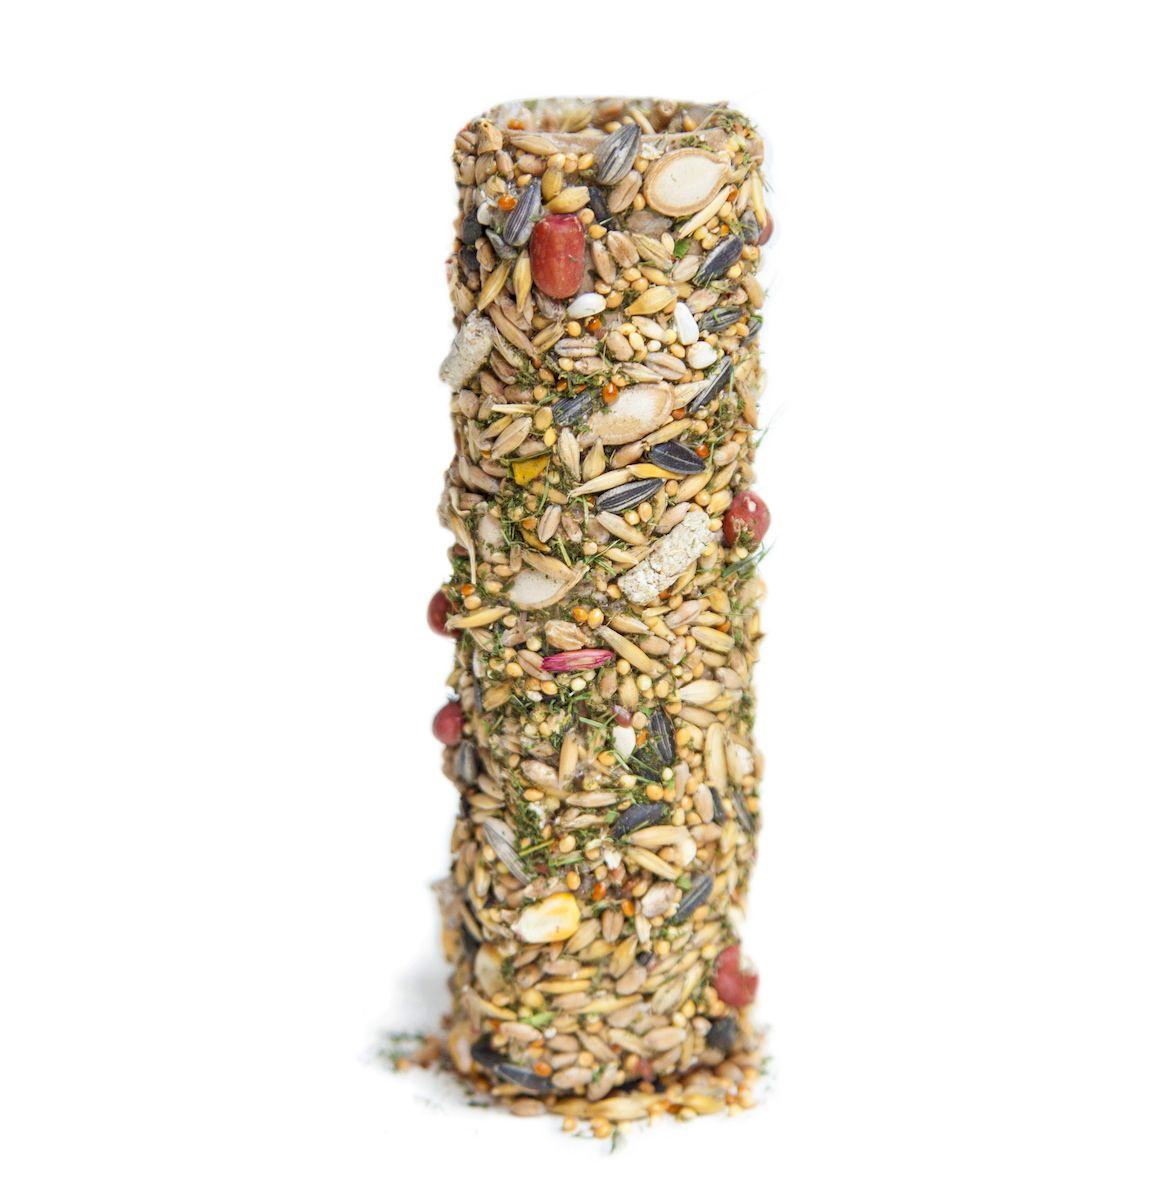 Лакомство для грызунов Престиж Сказочный Домик, с орехами корм вака высокое качество просо для птиц и грызунов 500 гр